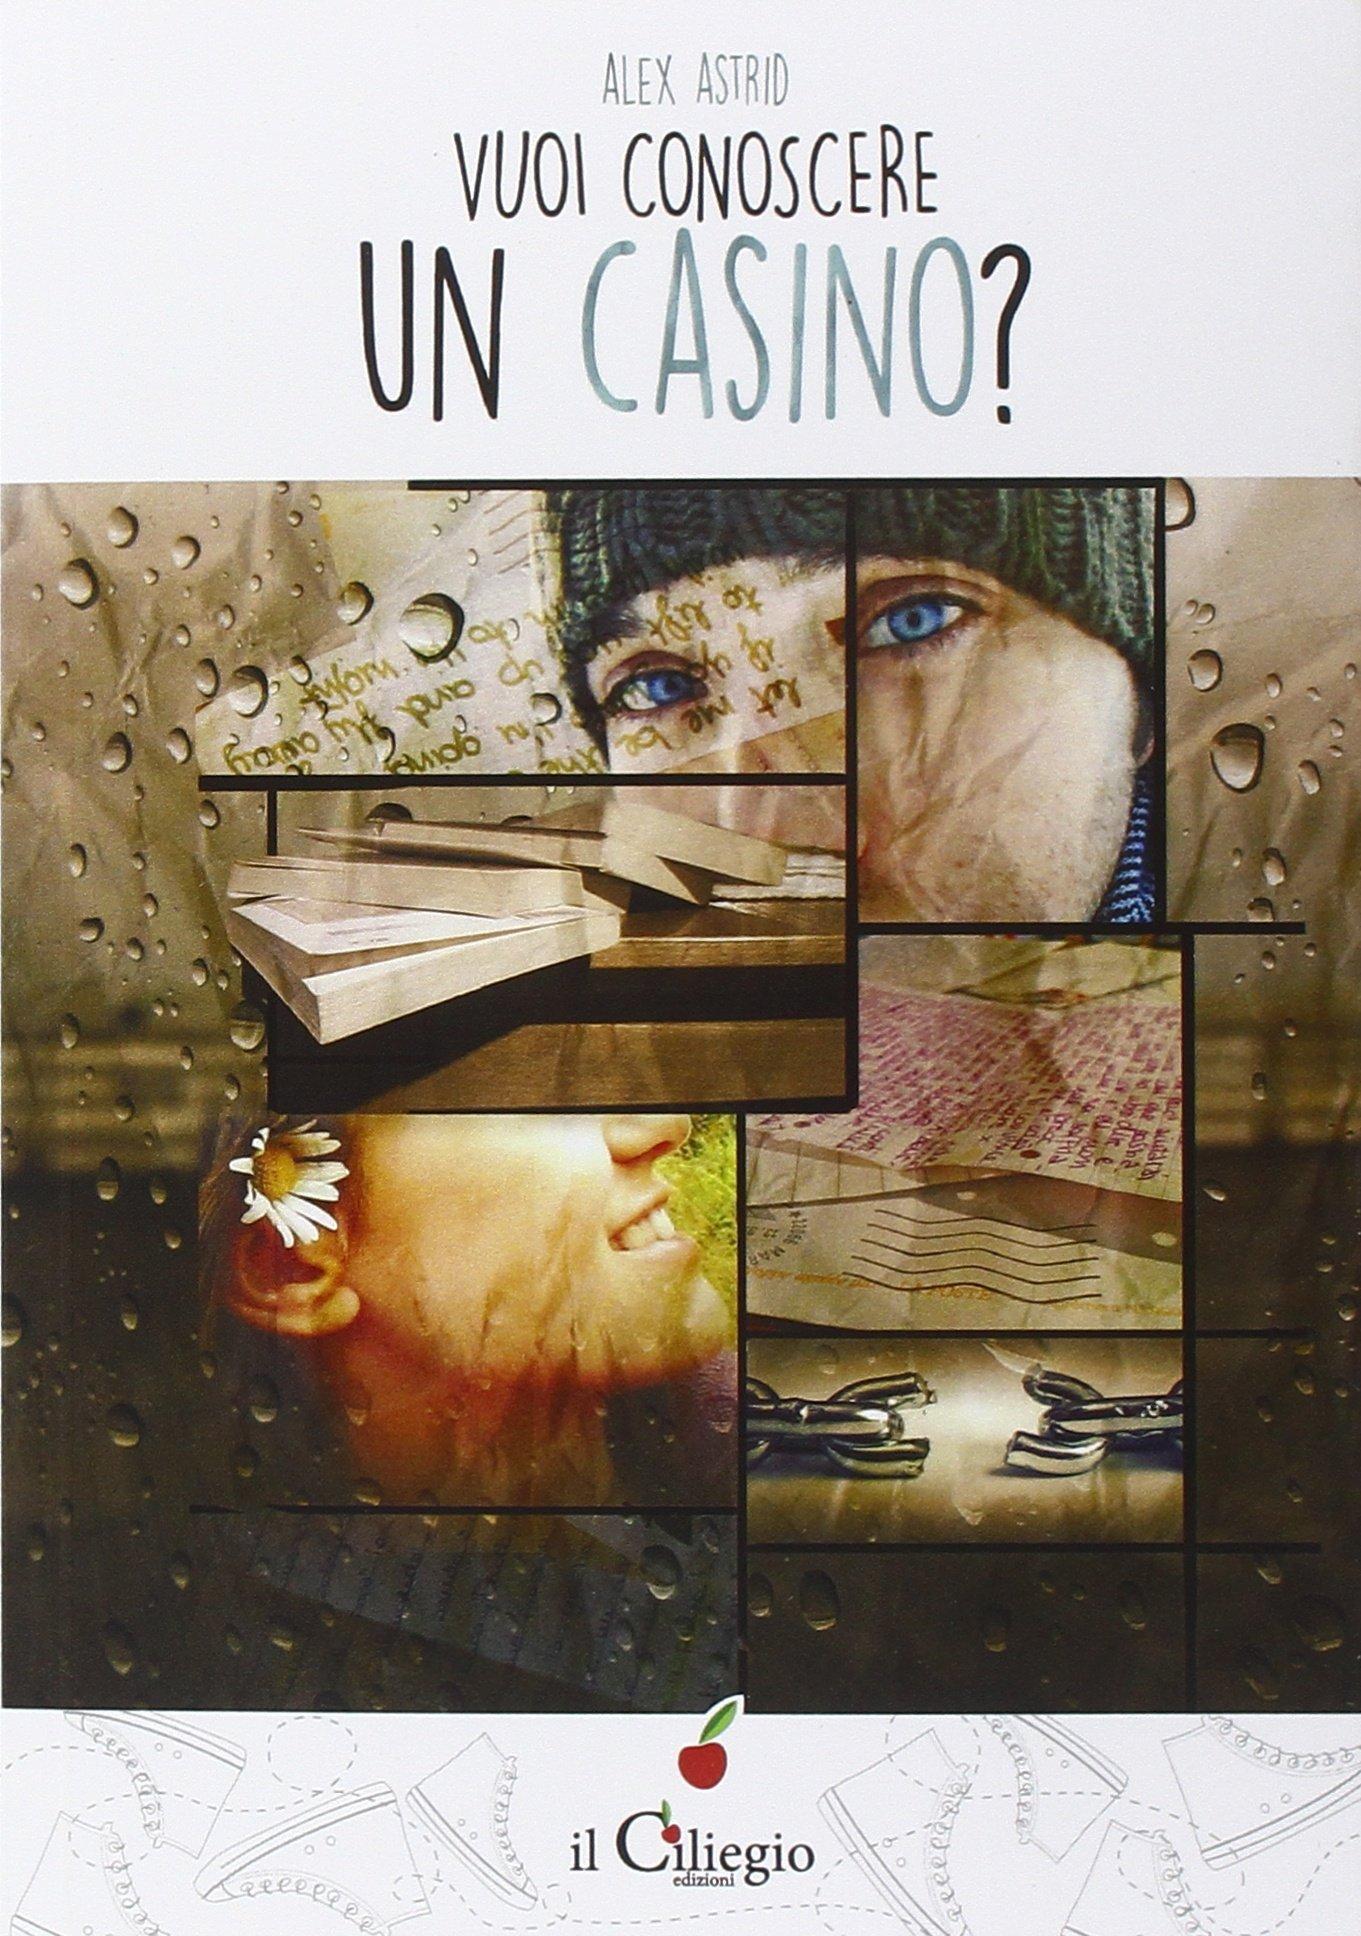 Recensione: Vuoi conoscere un casino?